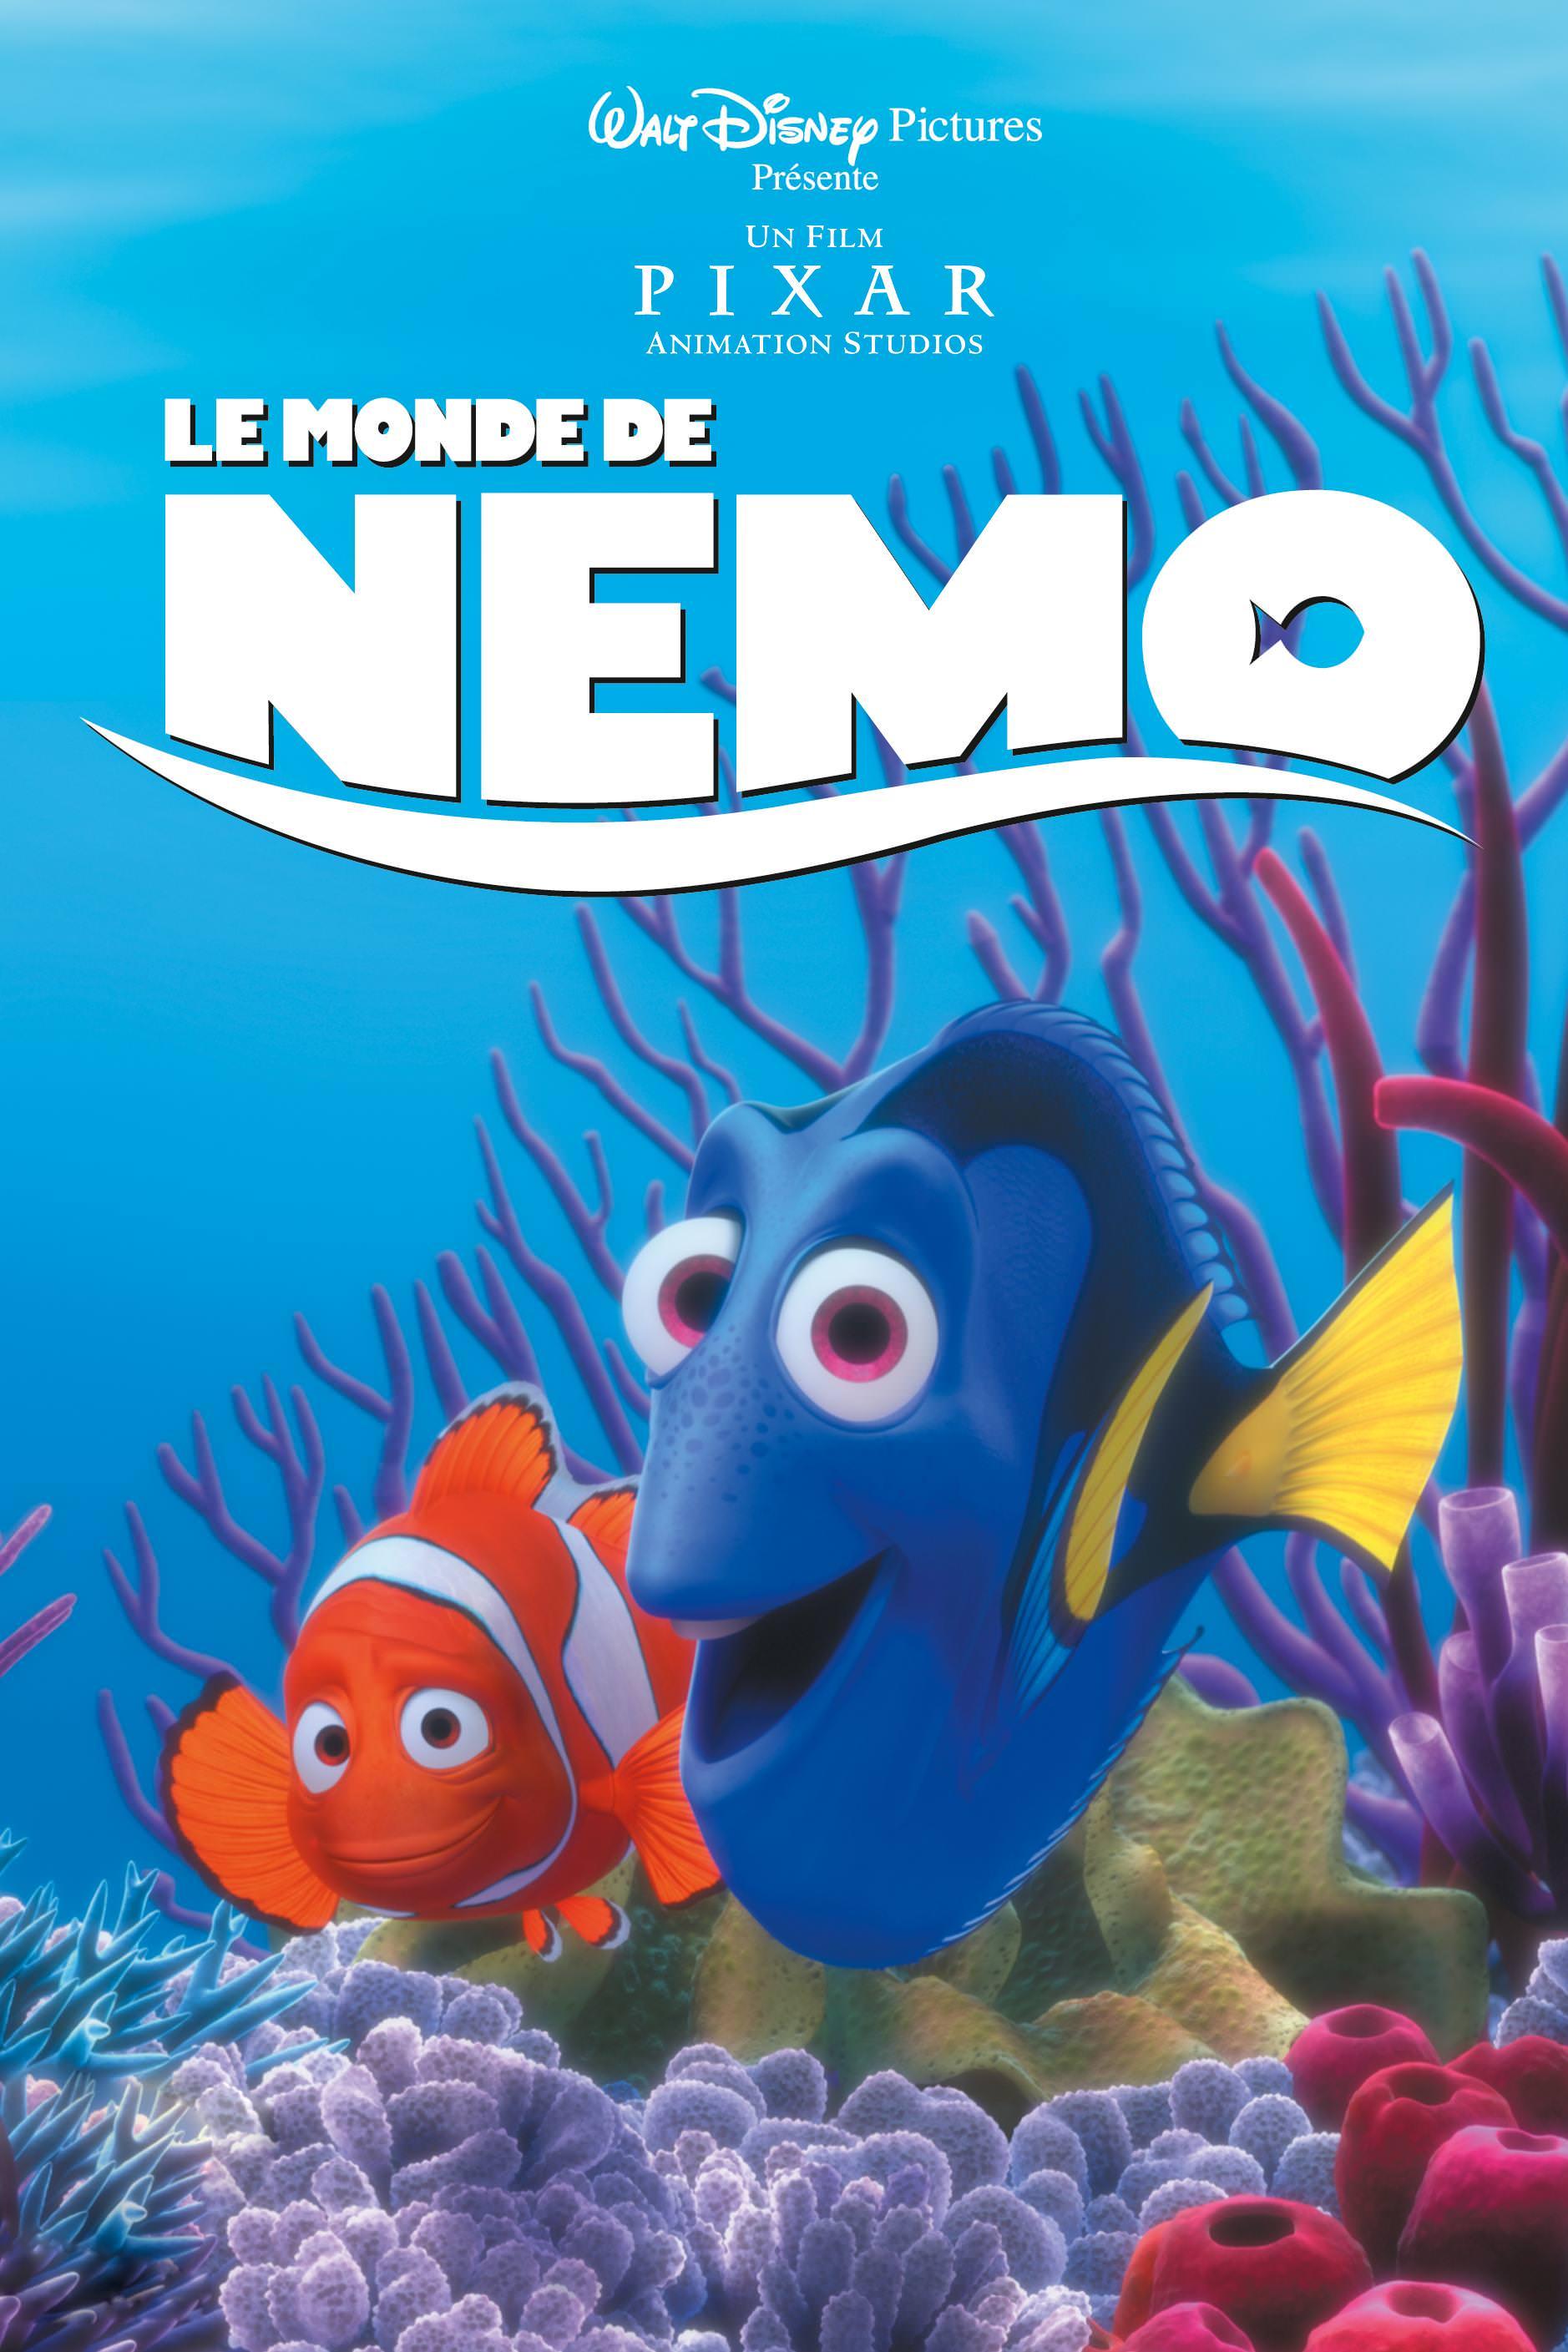 monde-nemo-stanton-unkrich-pixar